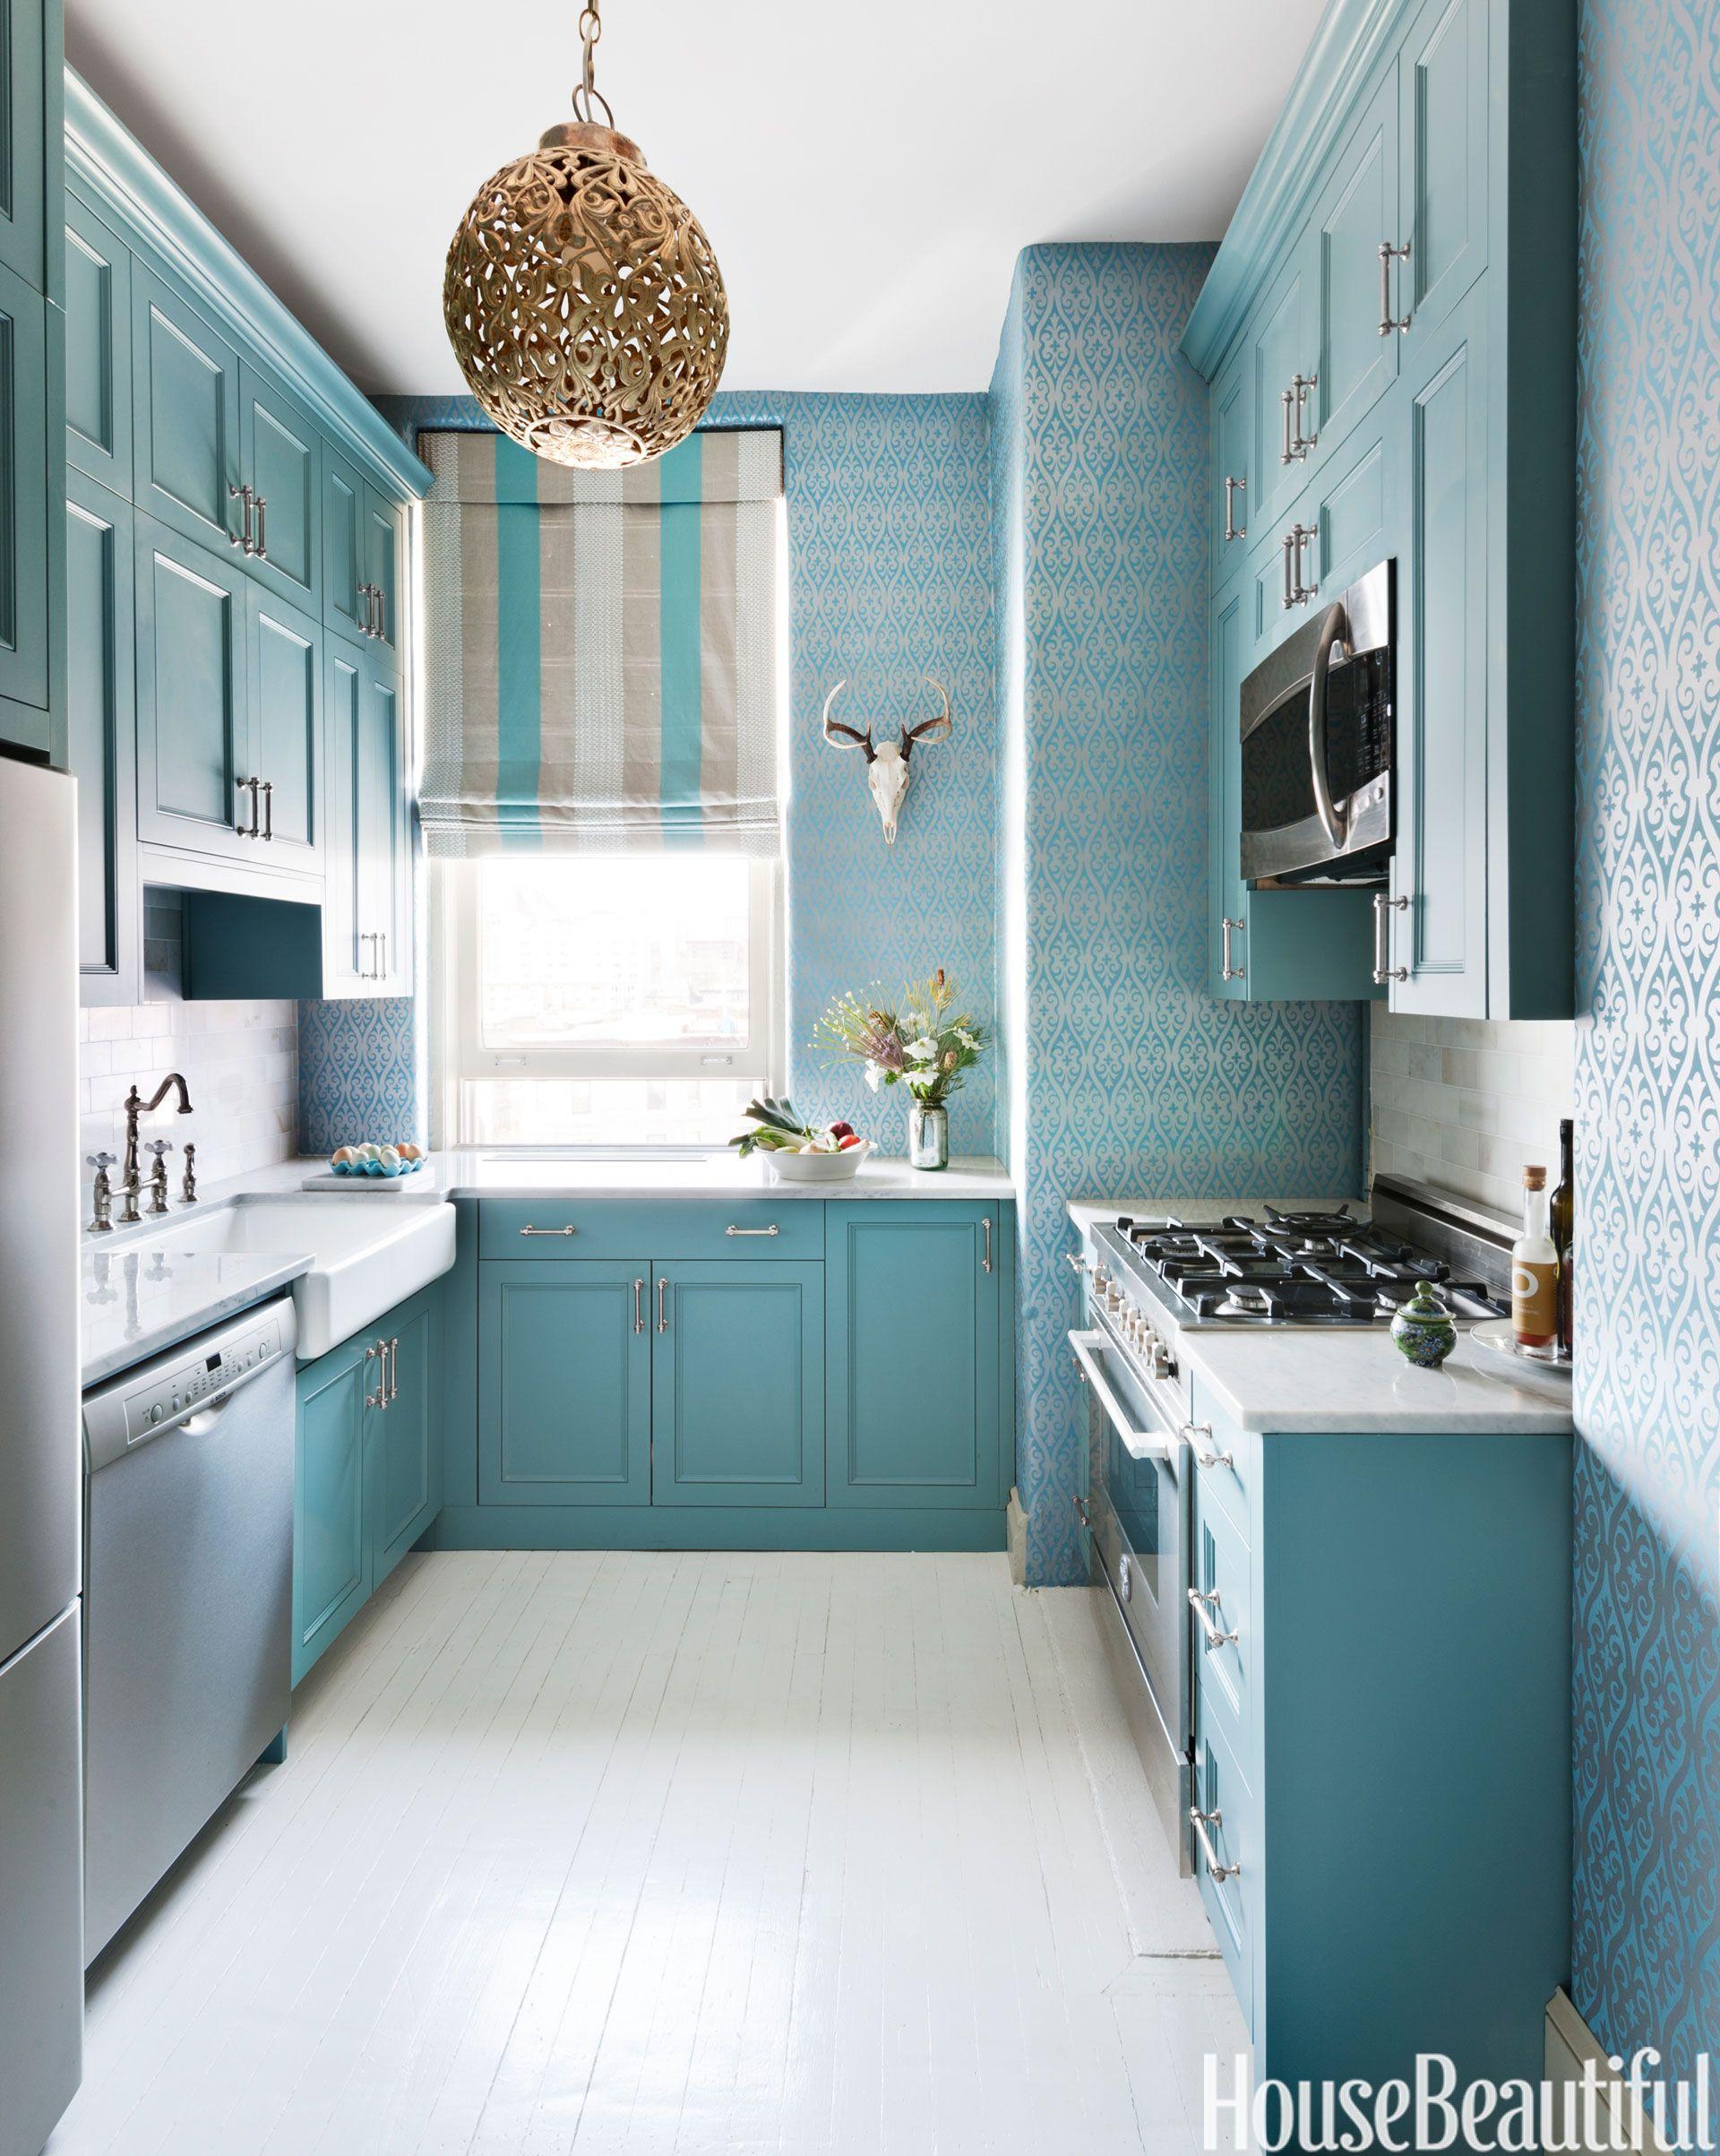 Best Kitchens of 2013 - Best Kitchen Designs 2013